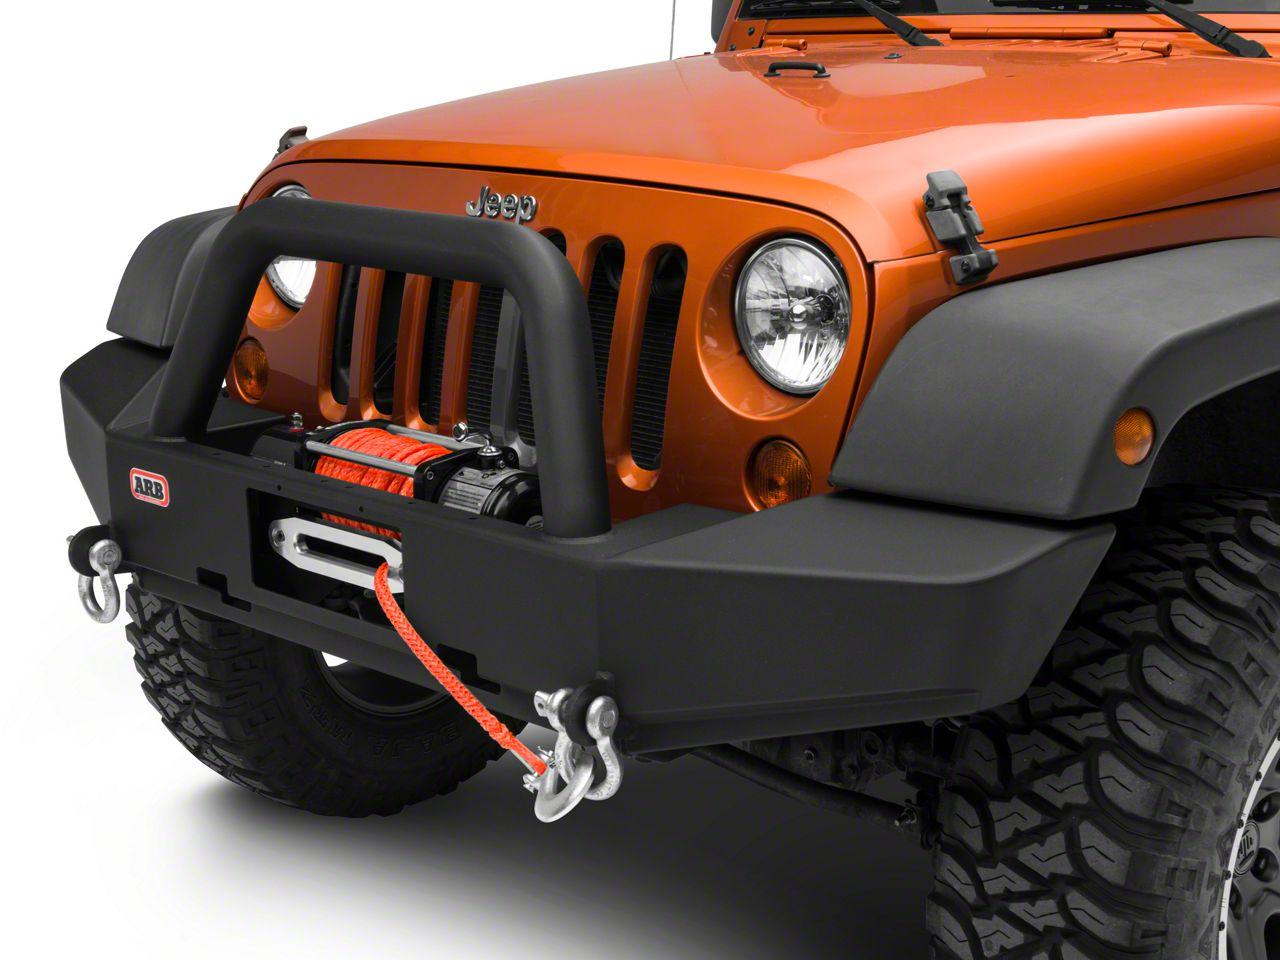 ARB Rock Bar Front Bumper (07-18 Jeep Wrangler JK)